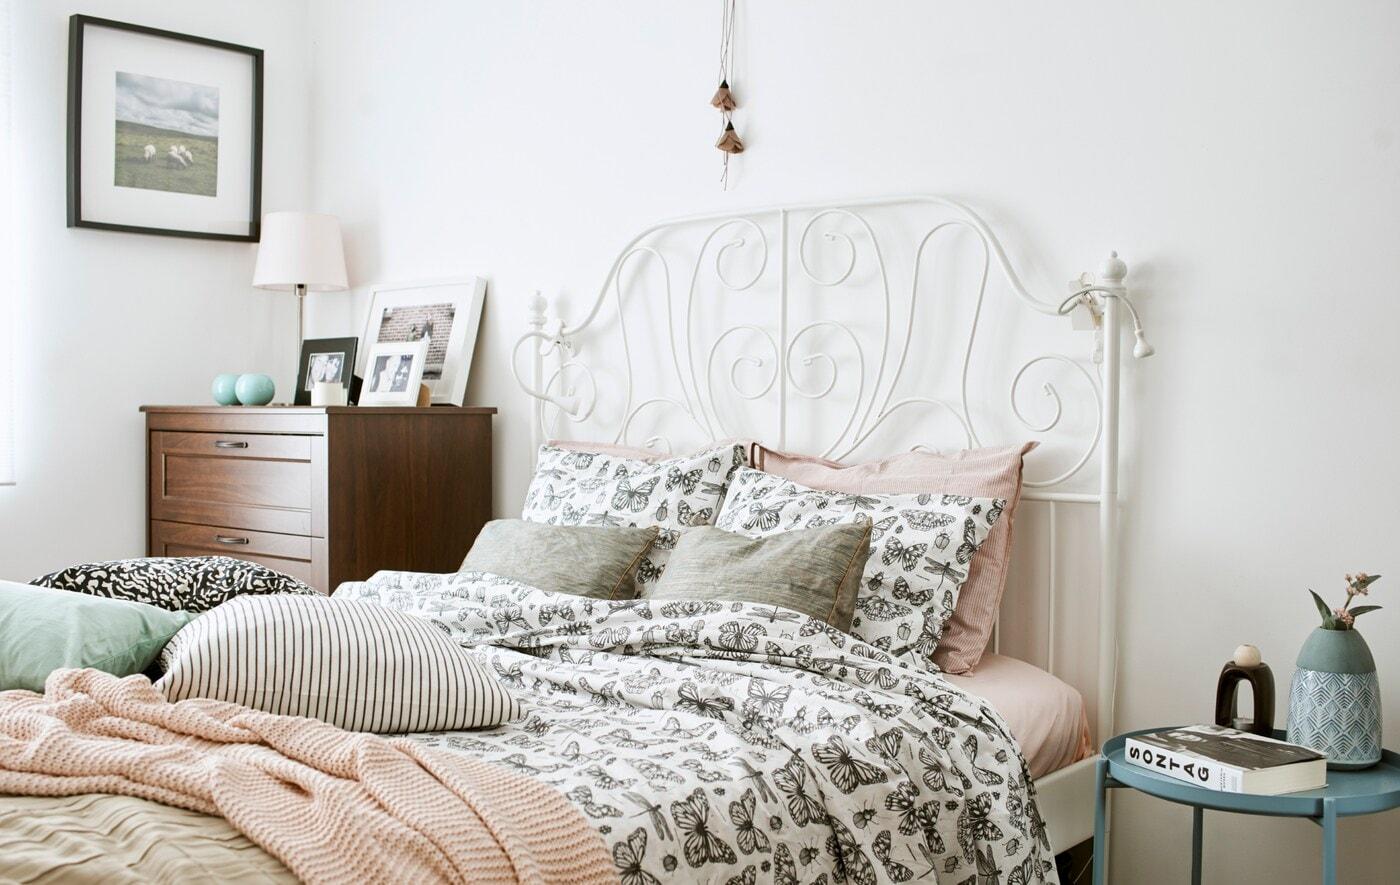 Un lit muni d'une tête de lit en fer forgé blanc, revêtu d'une couette à dessins de papillon monochromes, d'un jeté rose et de coussins.